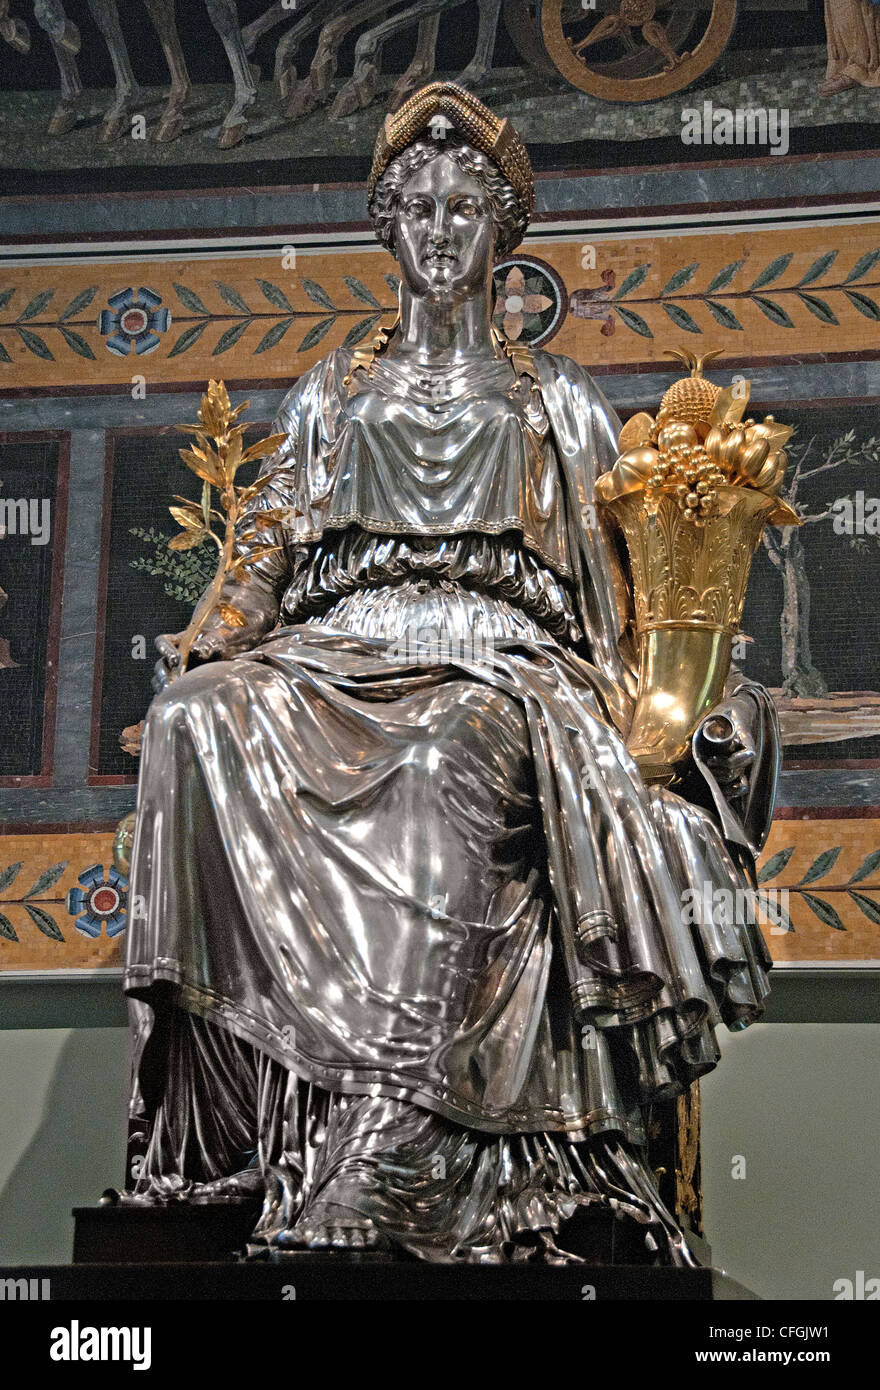 El genio del Emperador, controlando la Victoire, trae paz y abundancia por Francesco Belloni Francia Imagen De Stock